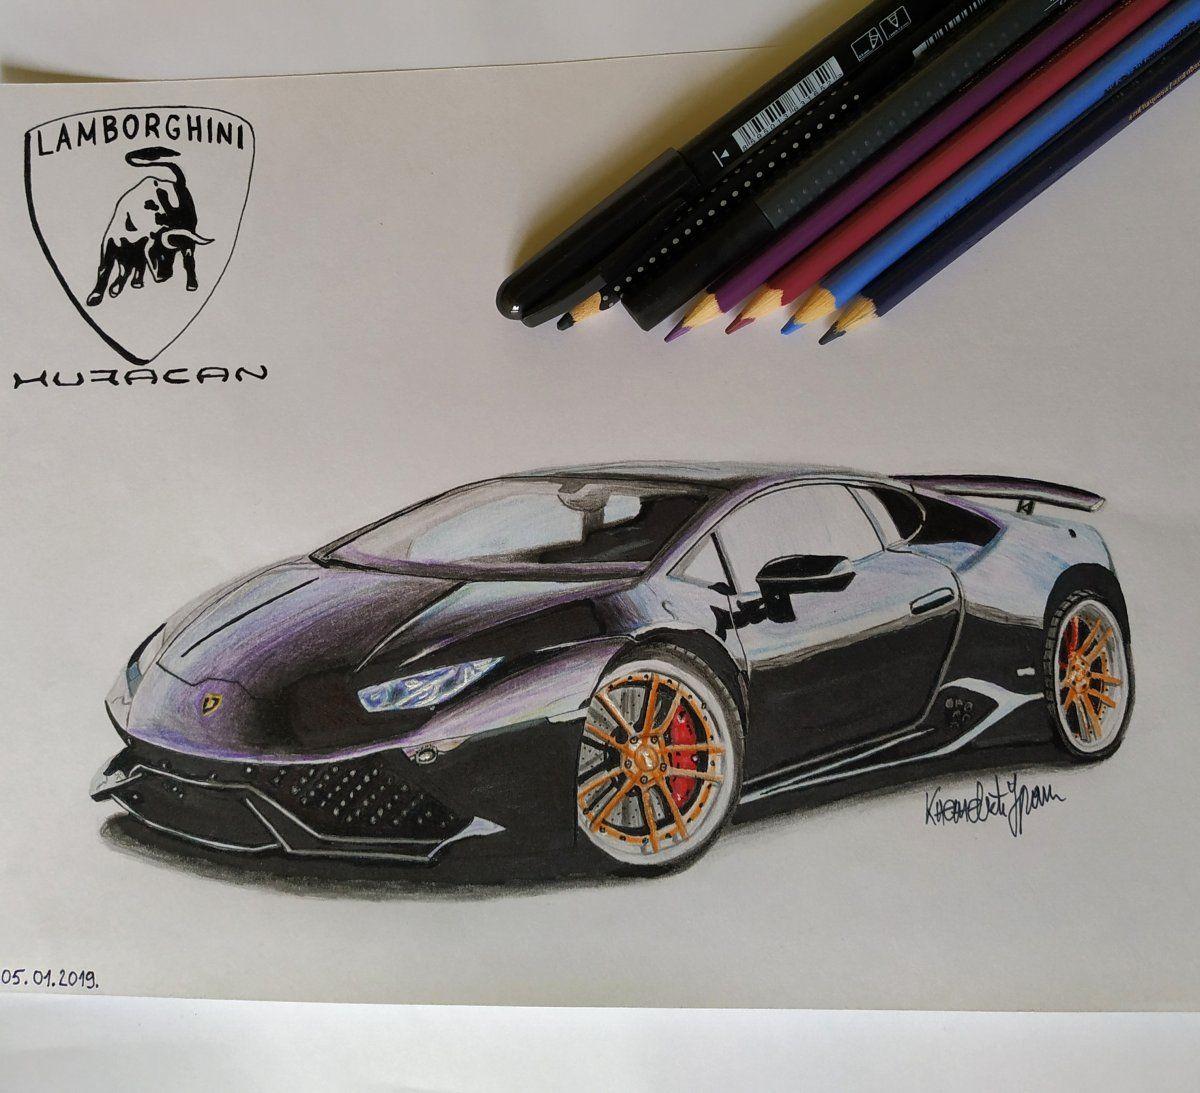 Lamborghini Huracan Urkec Knezevic Draw To Drive Car Drawings Automotive Illustration Lamborghini Huracan